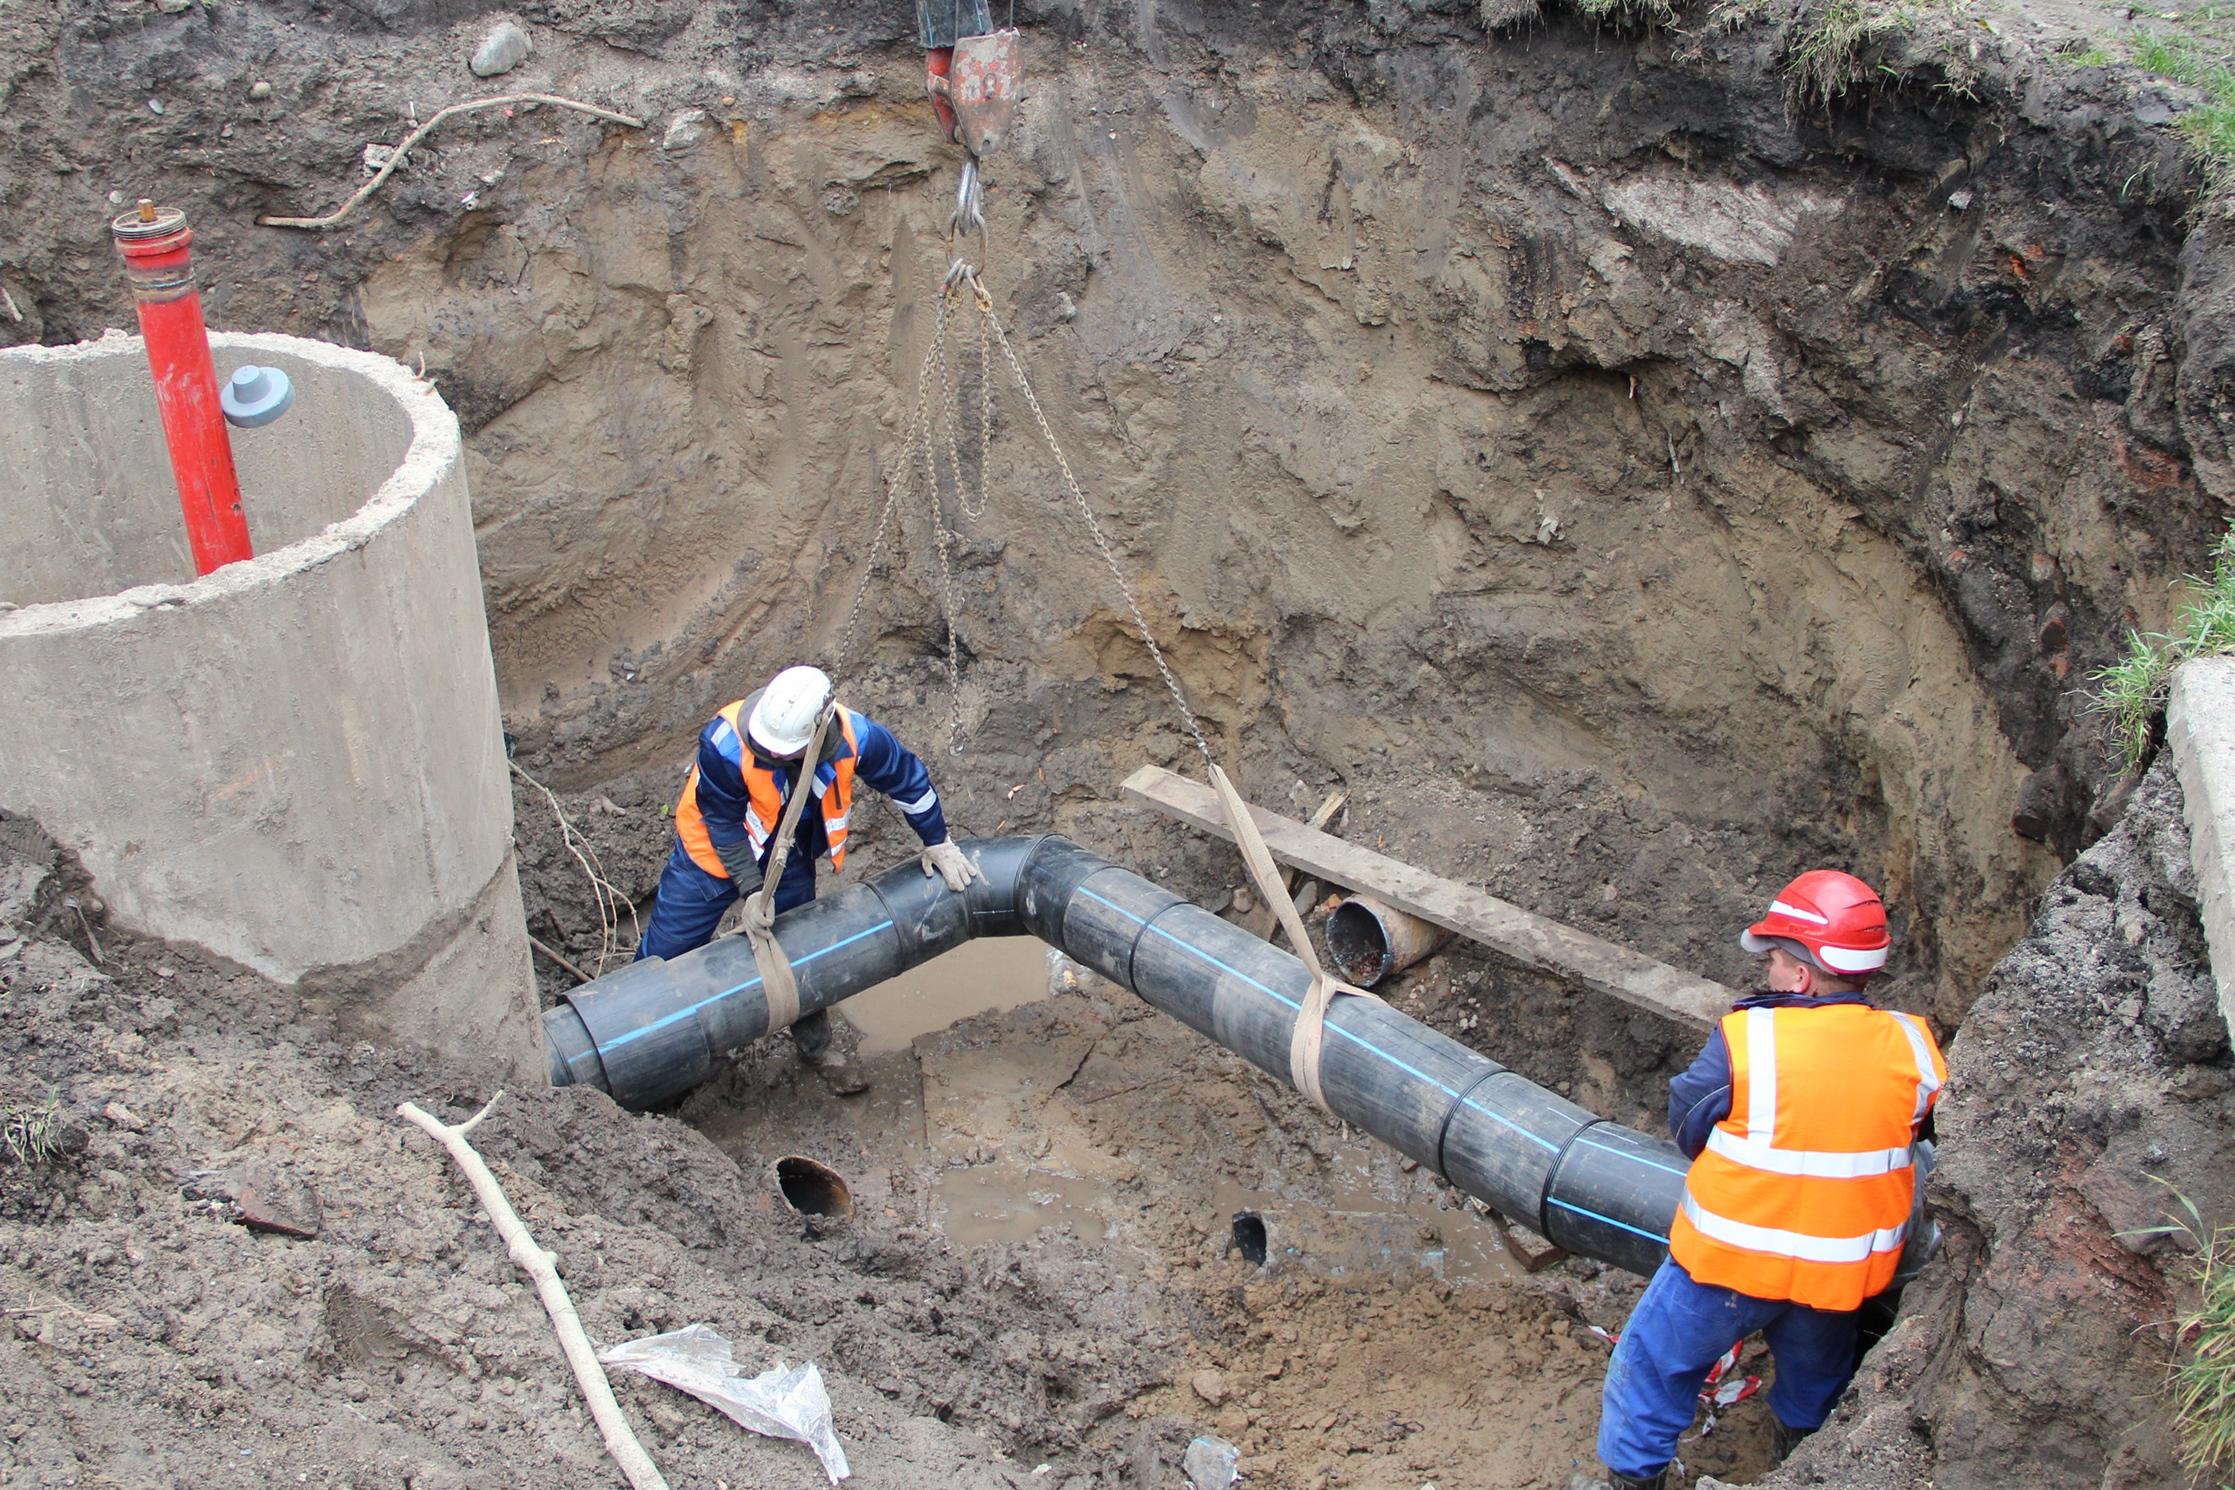 В течение лета на ул. Копылова было проложено 1400 метров новых пластиковых труб.По протяженности — это самый большой участок сетей, который вошел в производственную программу «КрасКома» по капремонту муниципальных сетей холодного водоснабжения в 2017 году.